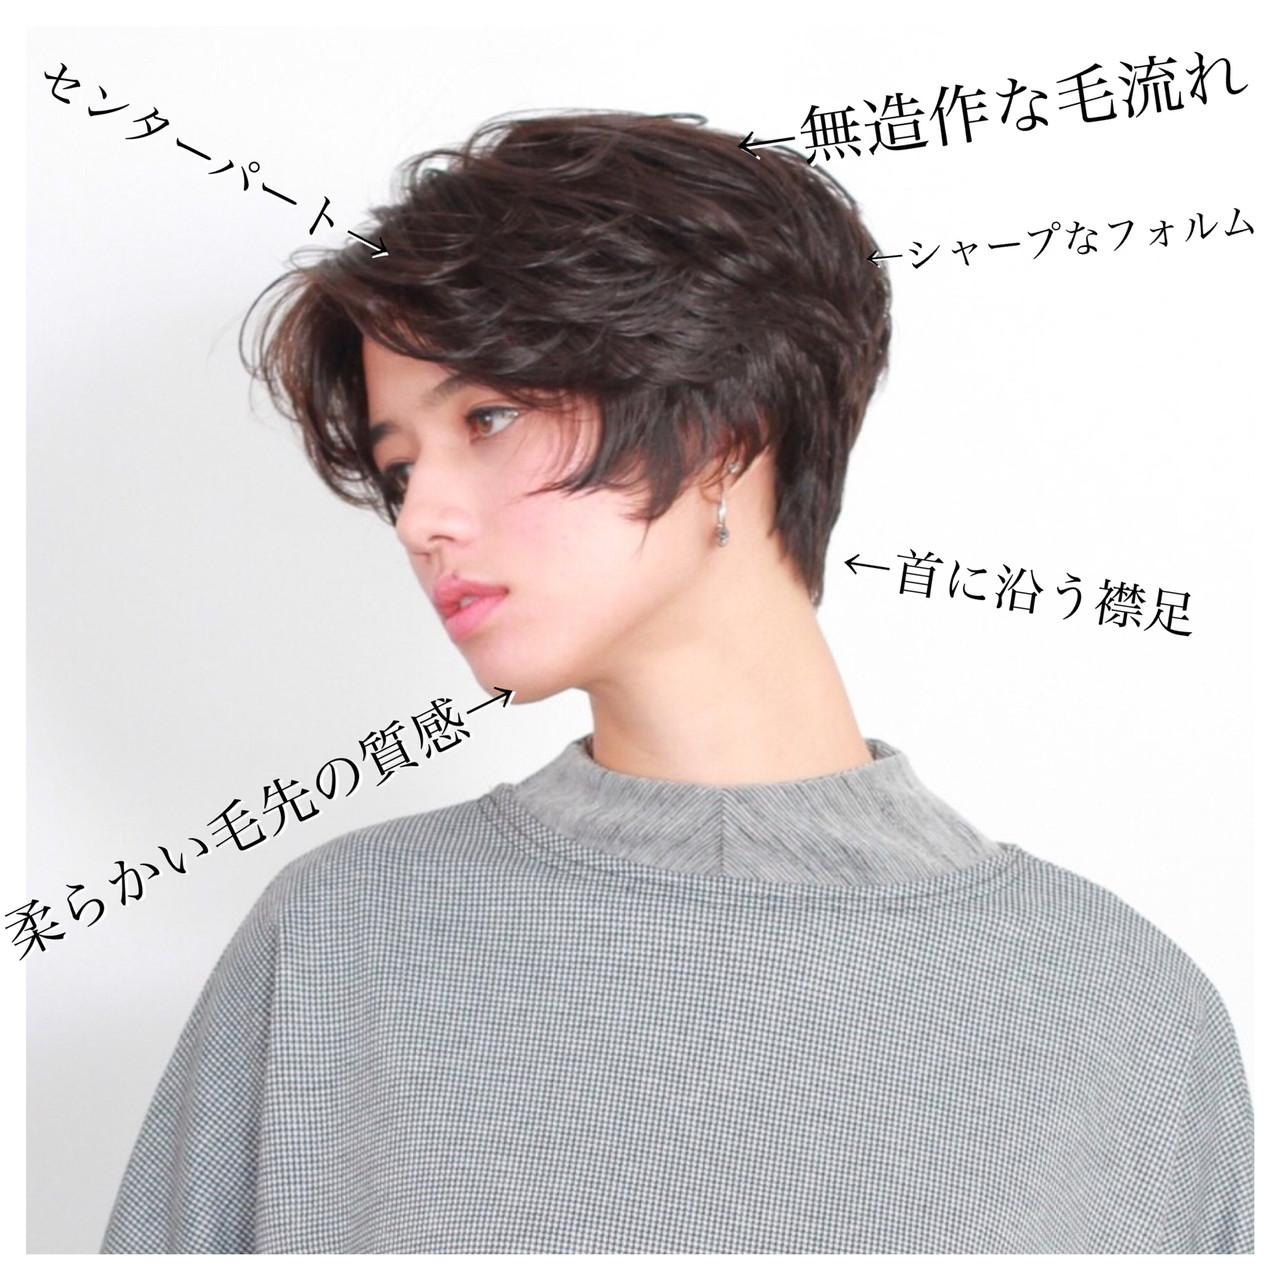 アンニュイほつれヘア 簡単ヘアアレンジ ヘアアレンジ デート ヘアスタイルや髪型の写真・画像   池上 一星 / GINZA PEEK-A-BOO 中央通り店